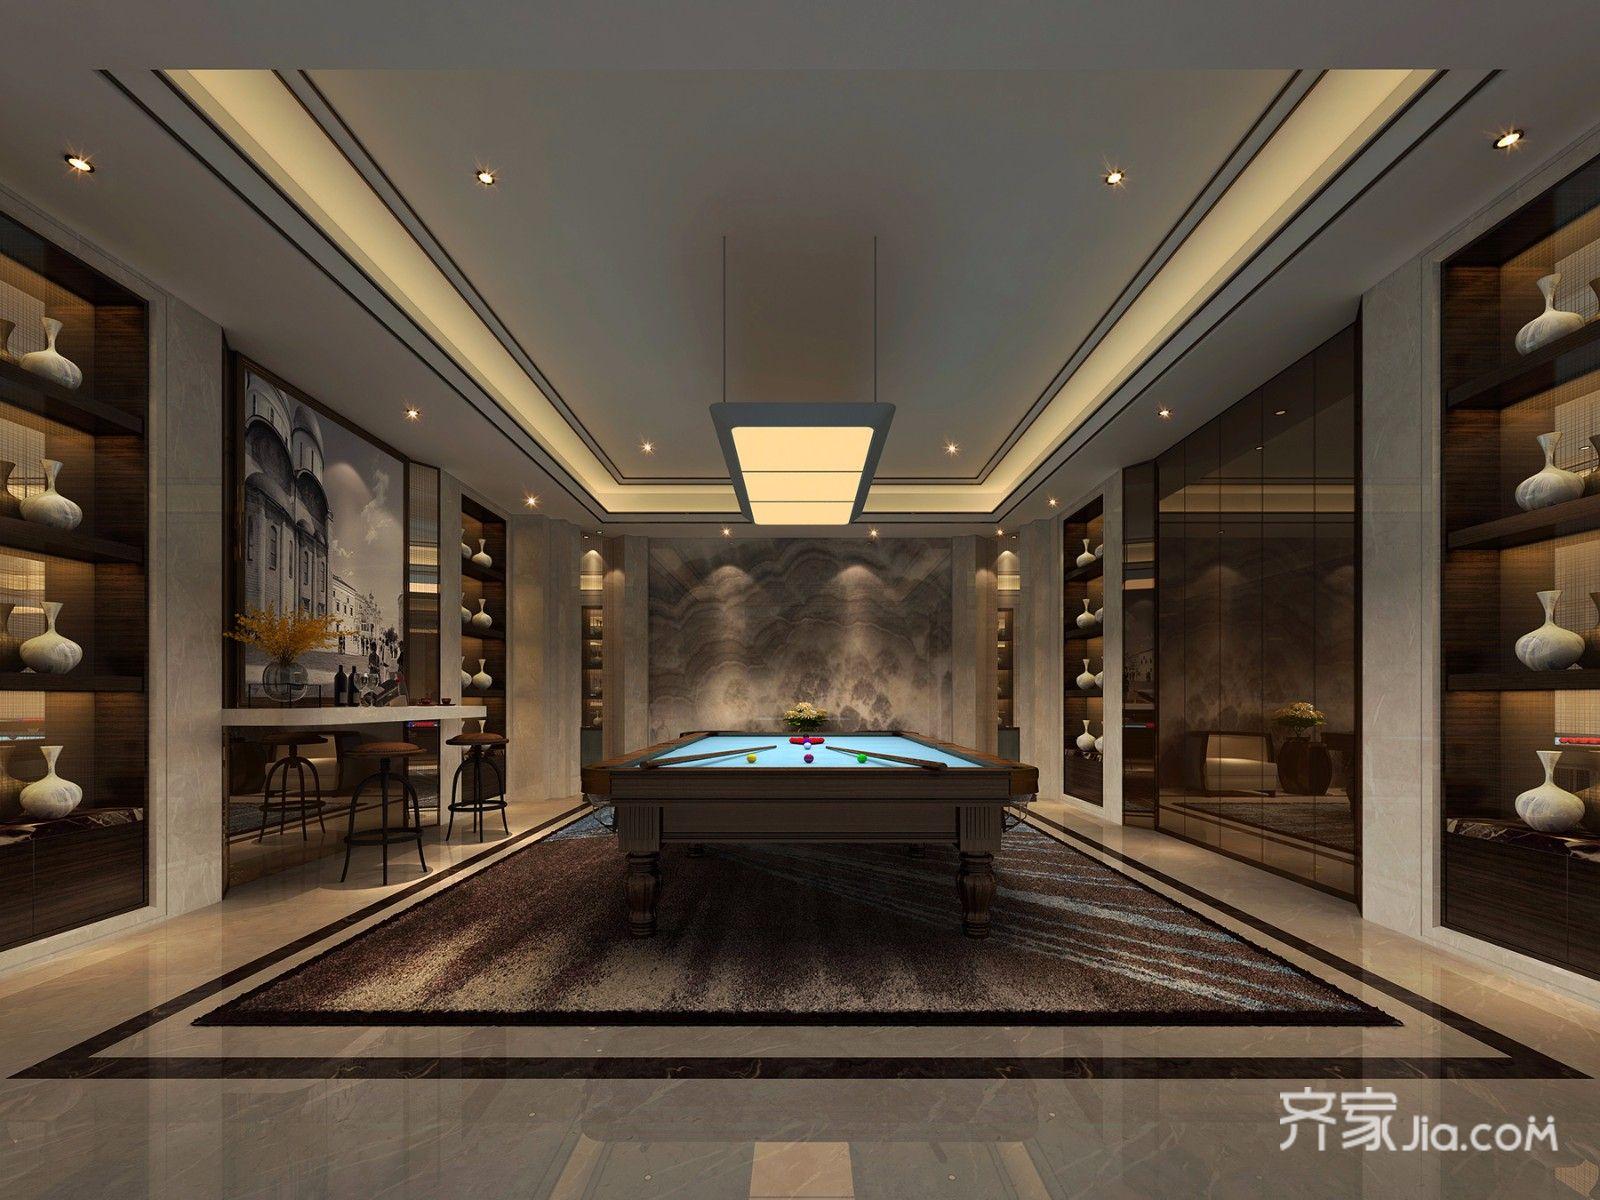 中式风格别墅桌球室设计效果图